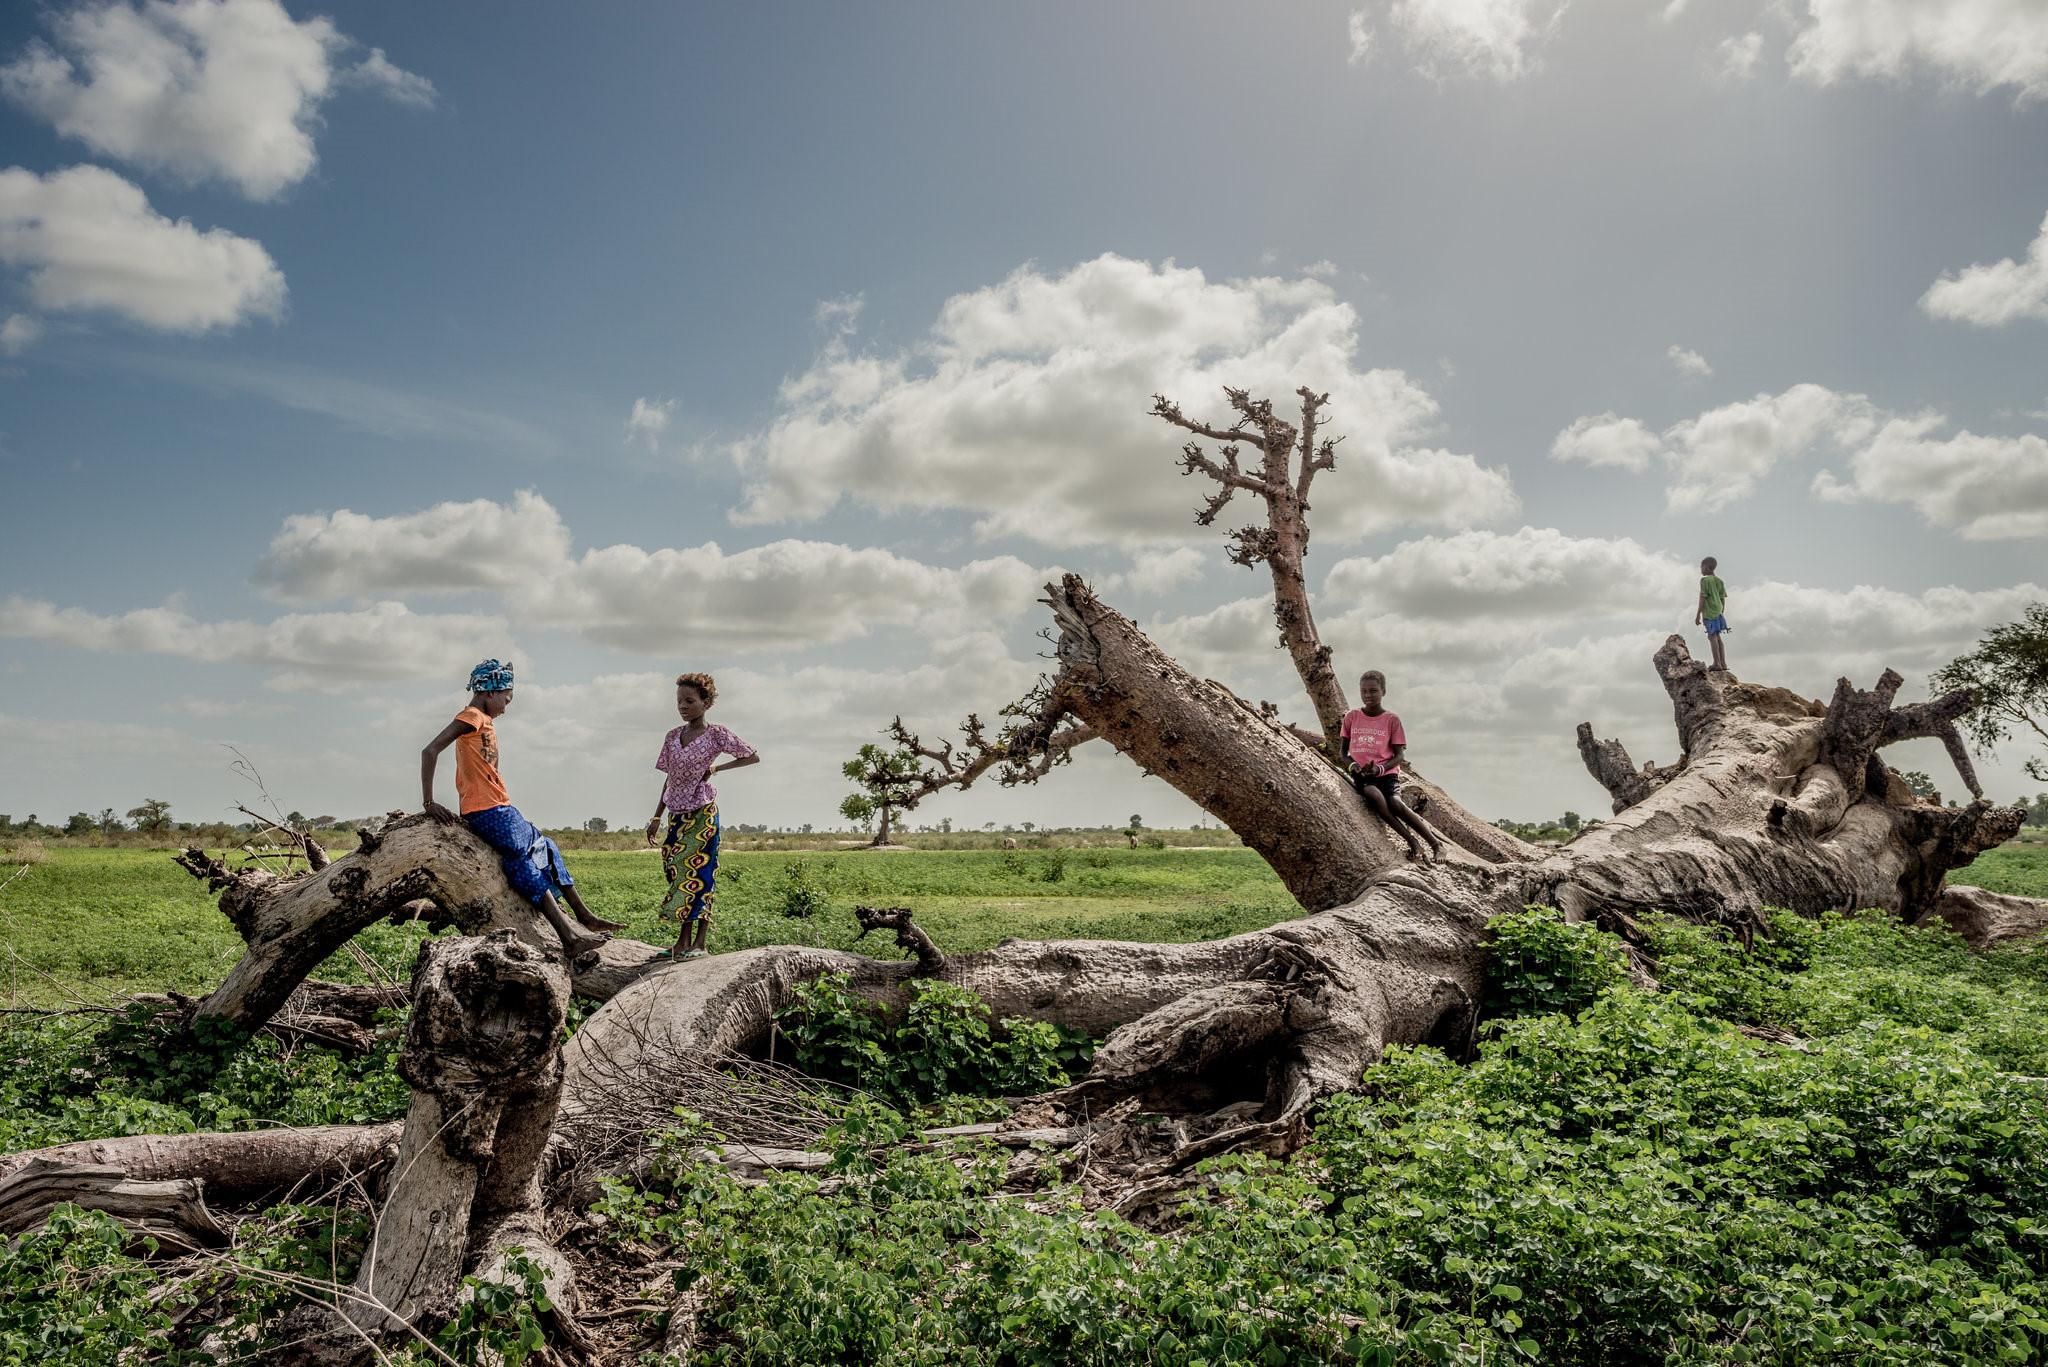 Cây thiêng trăm năm của Senegal chết dần trong thời hiện đại Ảnh 4